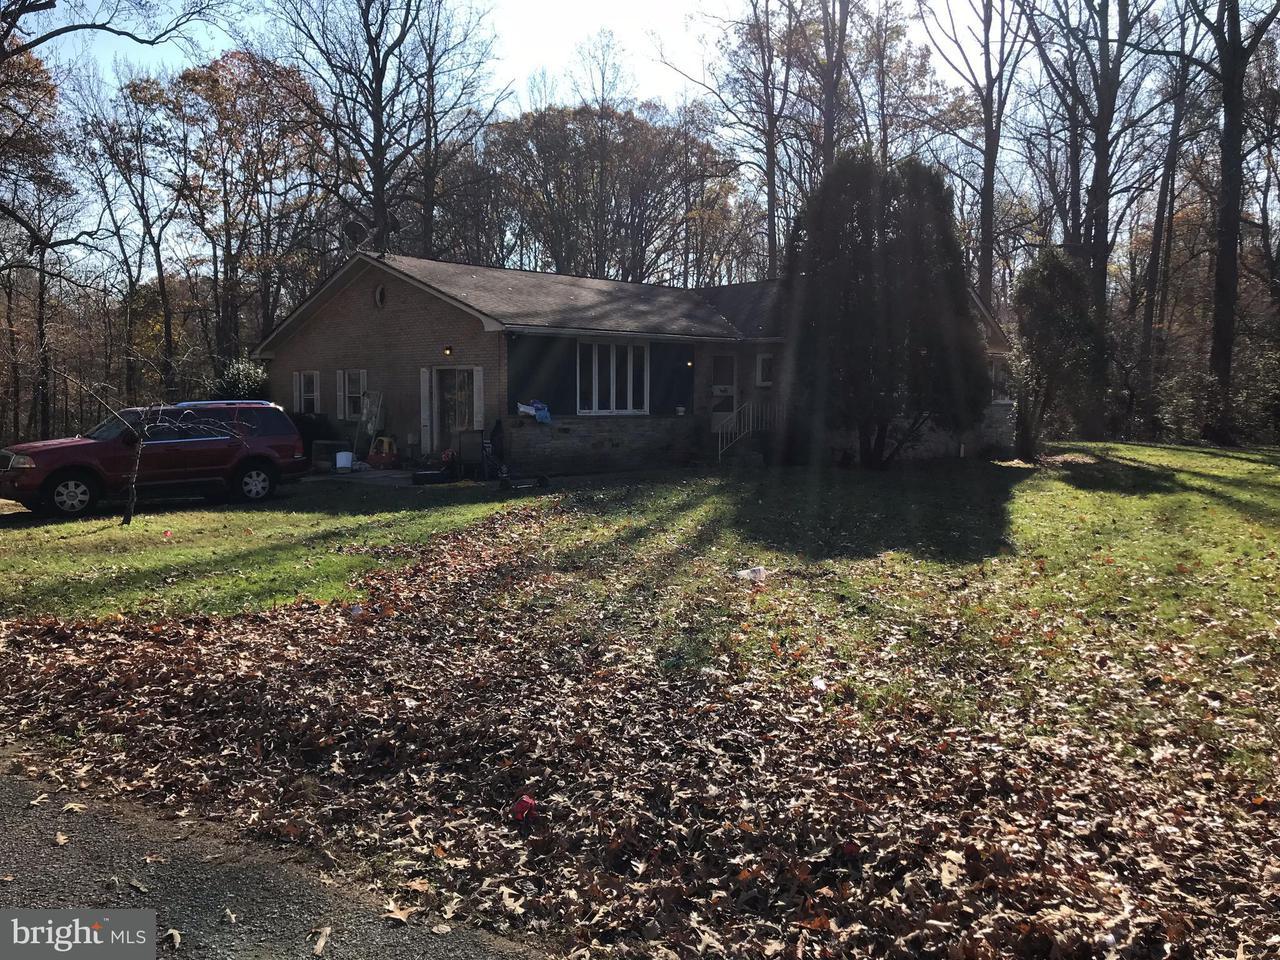 Частный односемейный дом для того Продажа на 4063 MUDDY CREEK Road 4063 MUDDY CREEK Road Harwood, Мэриленд 20776 Соединенные Штаты